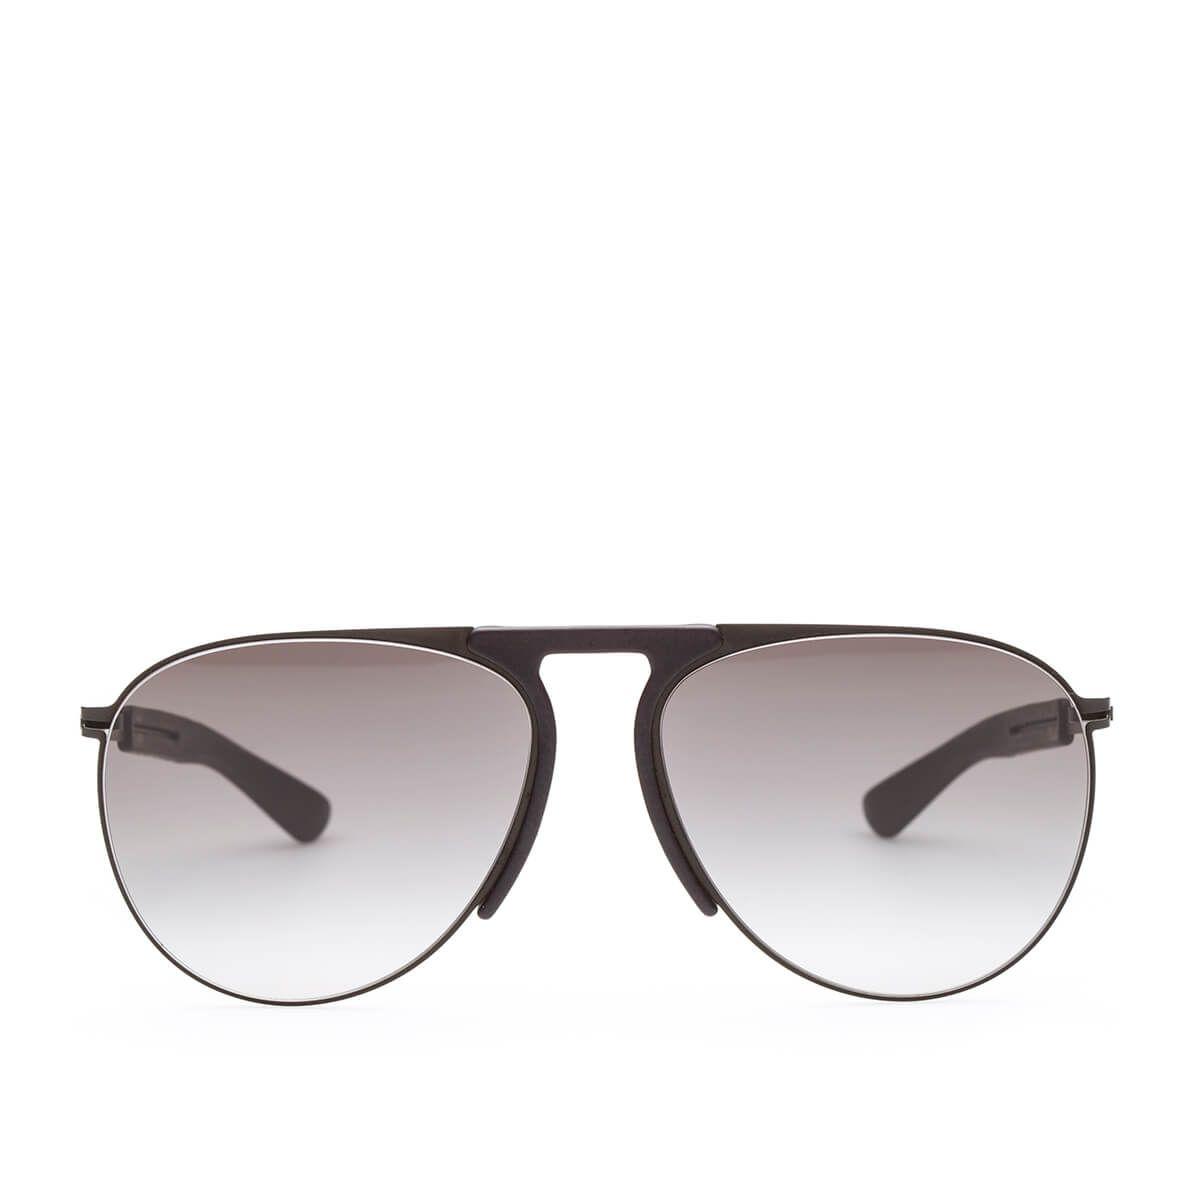 Mykita Rye Sunglasses